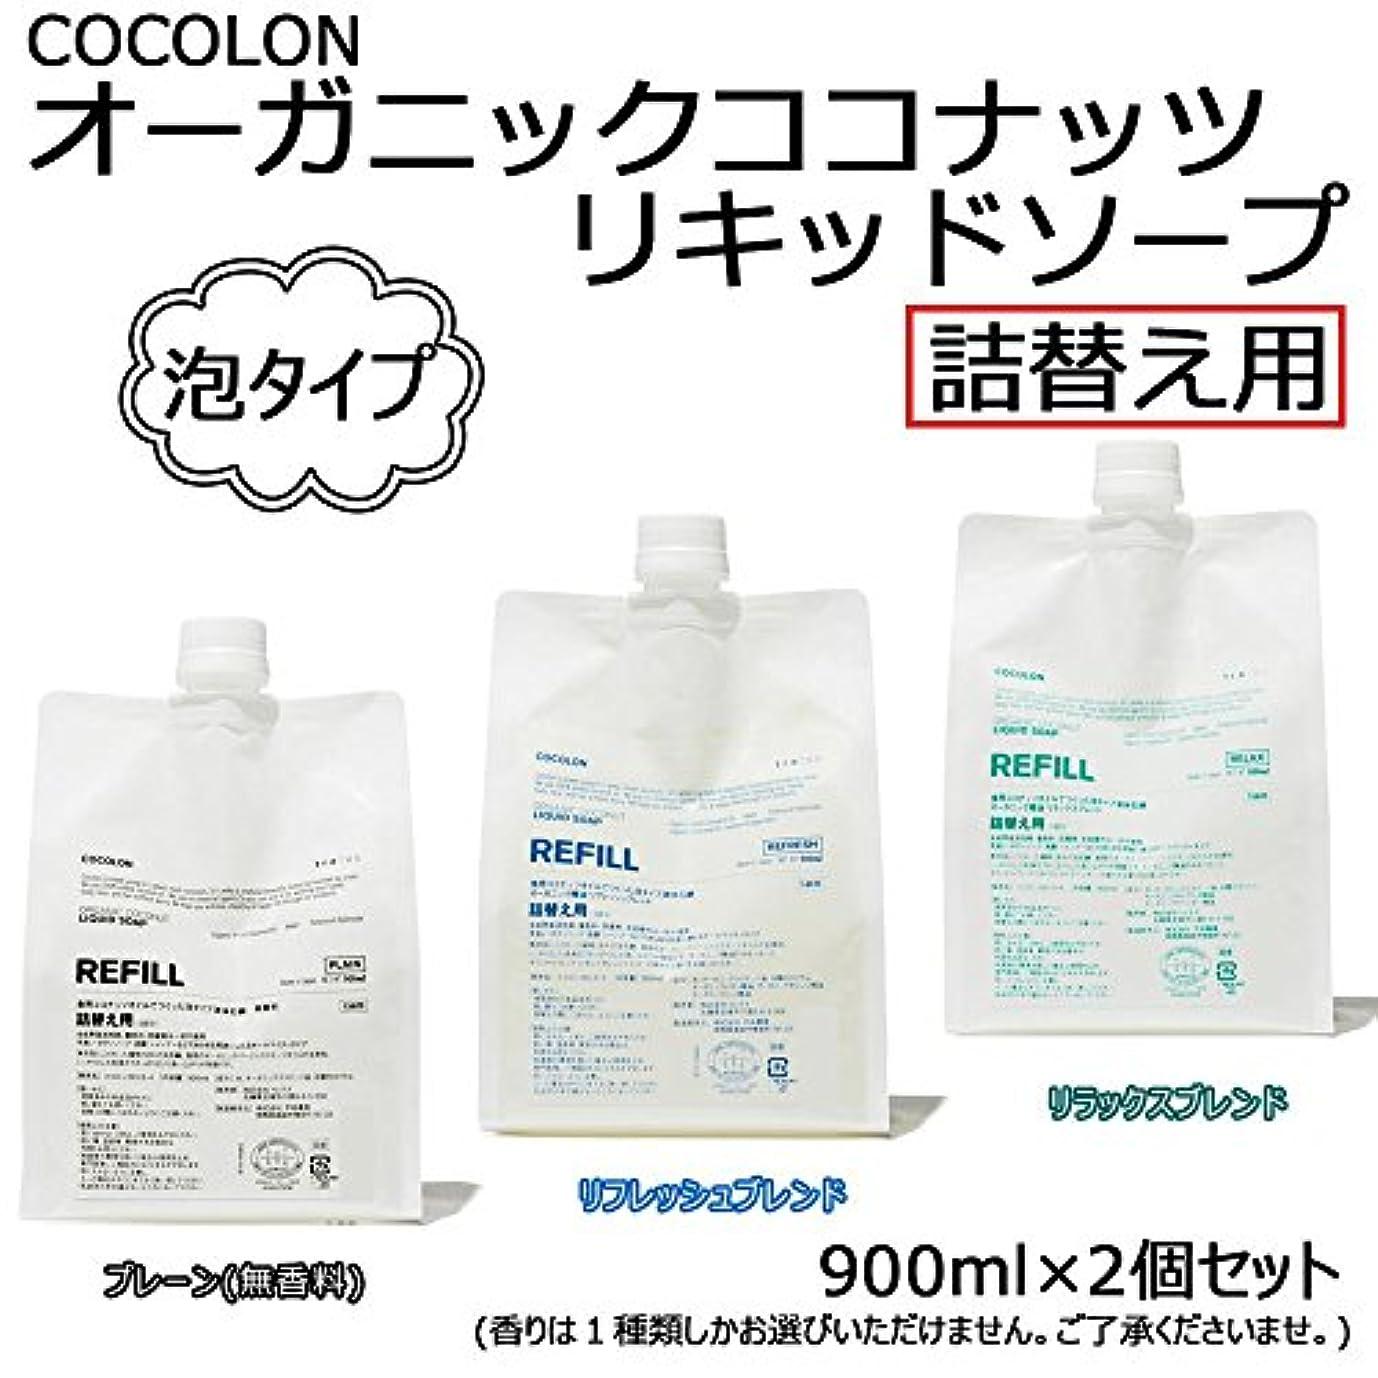 窒素モード神経衰弱COCOLON ココロン オーガニックココナッツリキッドソープ 泡タイプ 詰替え用 900ml 2個セット プレーン(無香料)